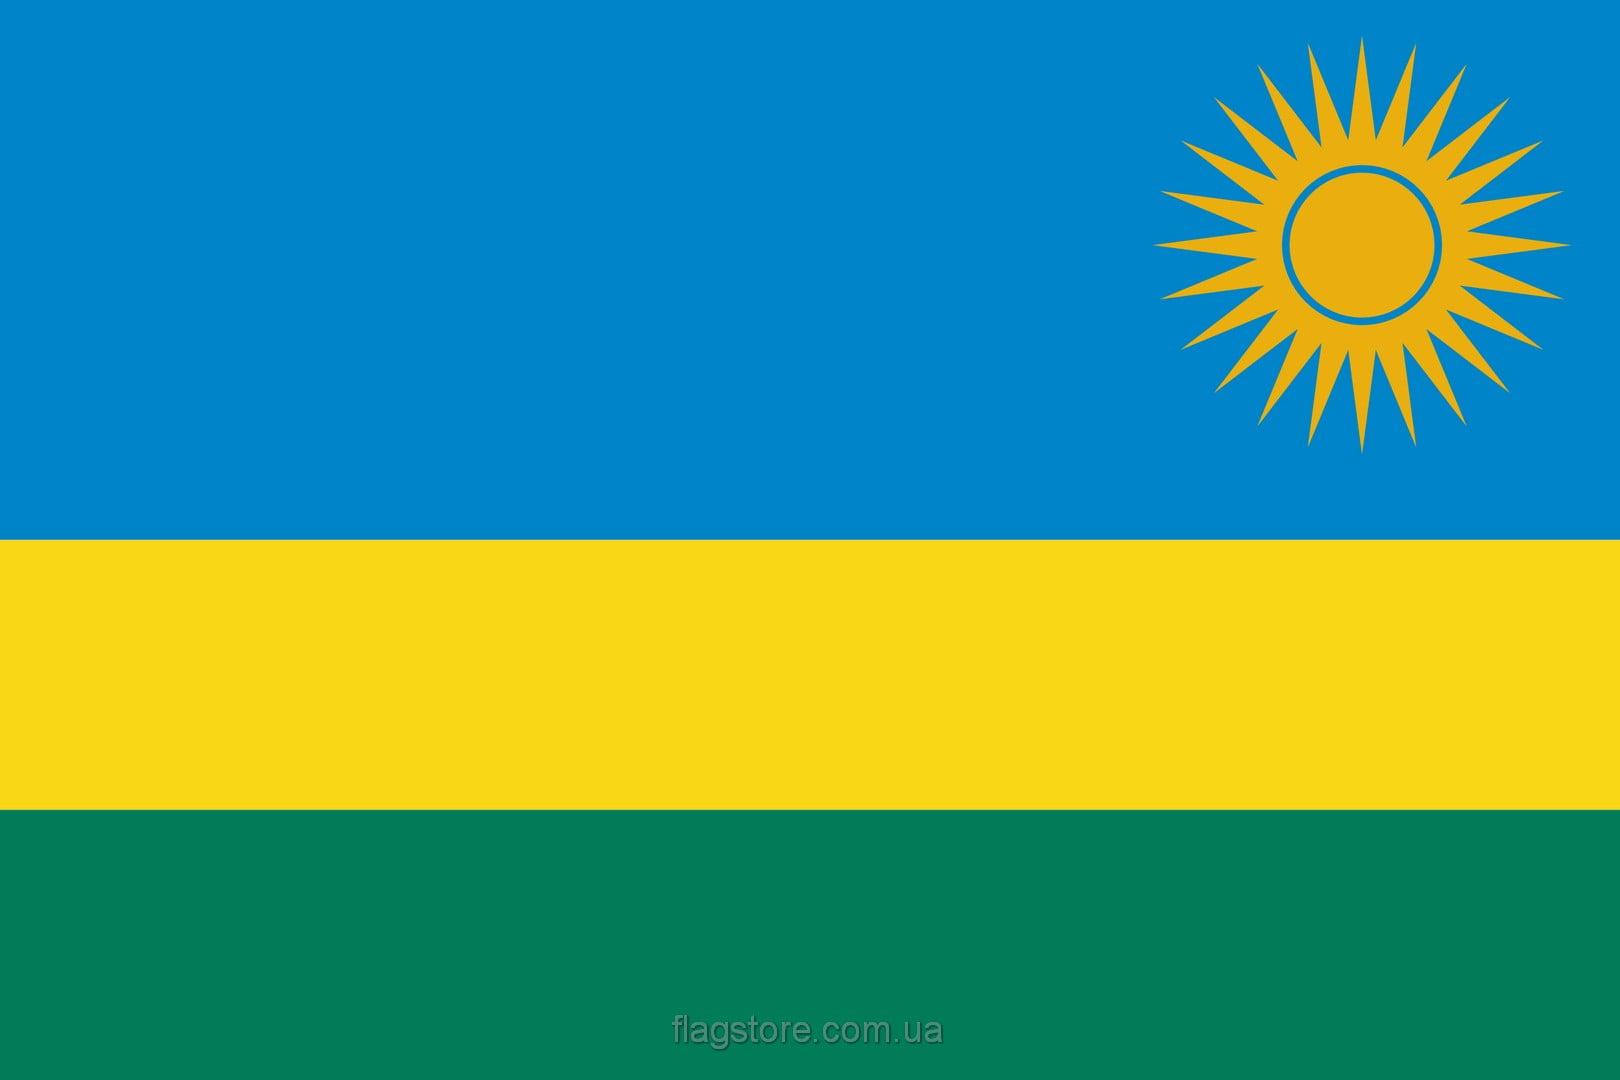 Купить флаг Руанды (страны Руанда)